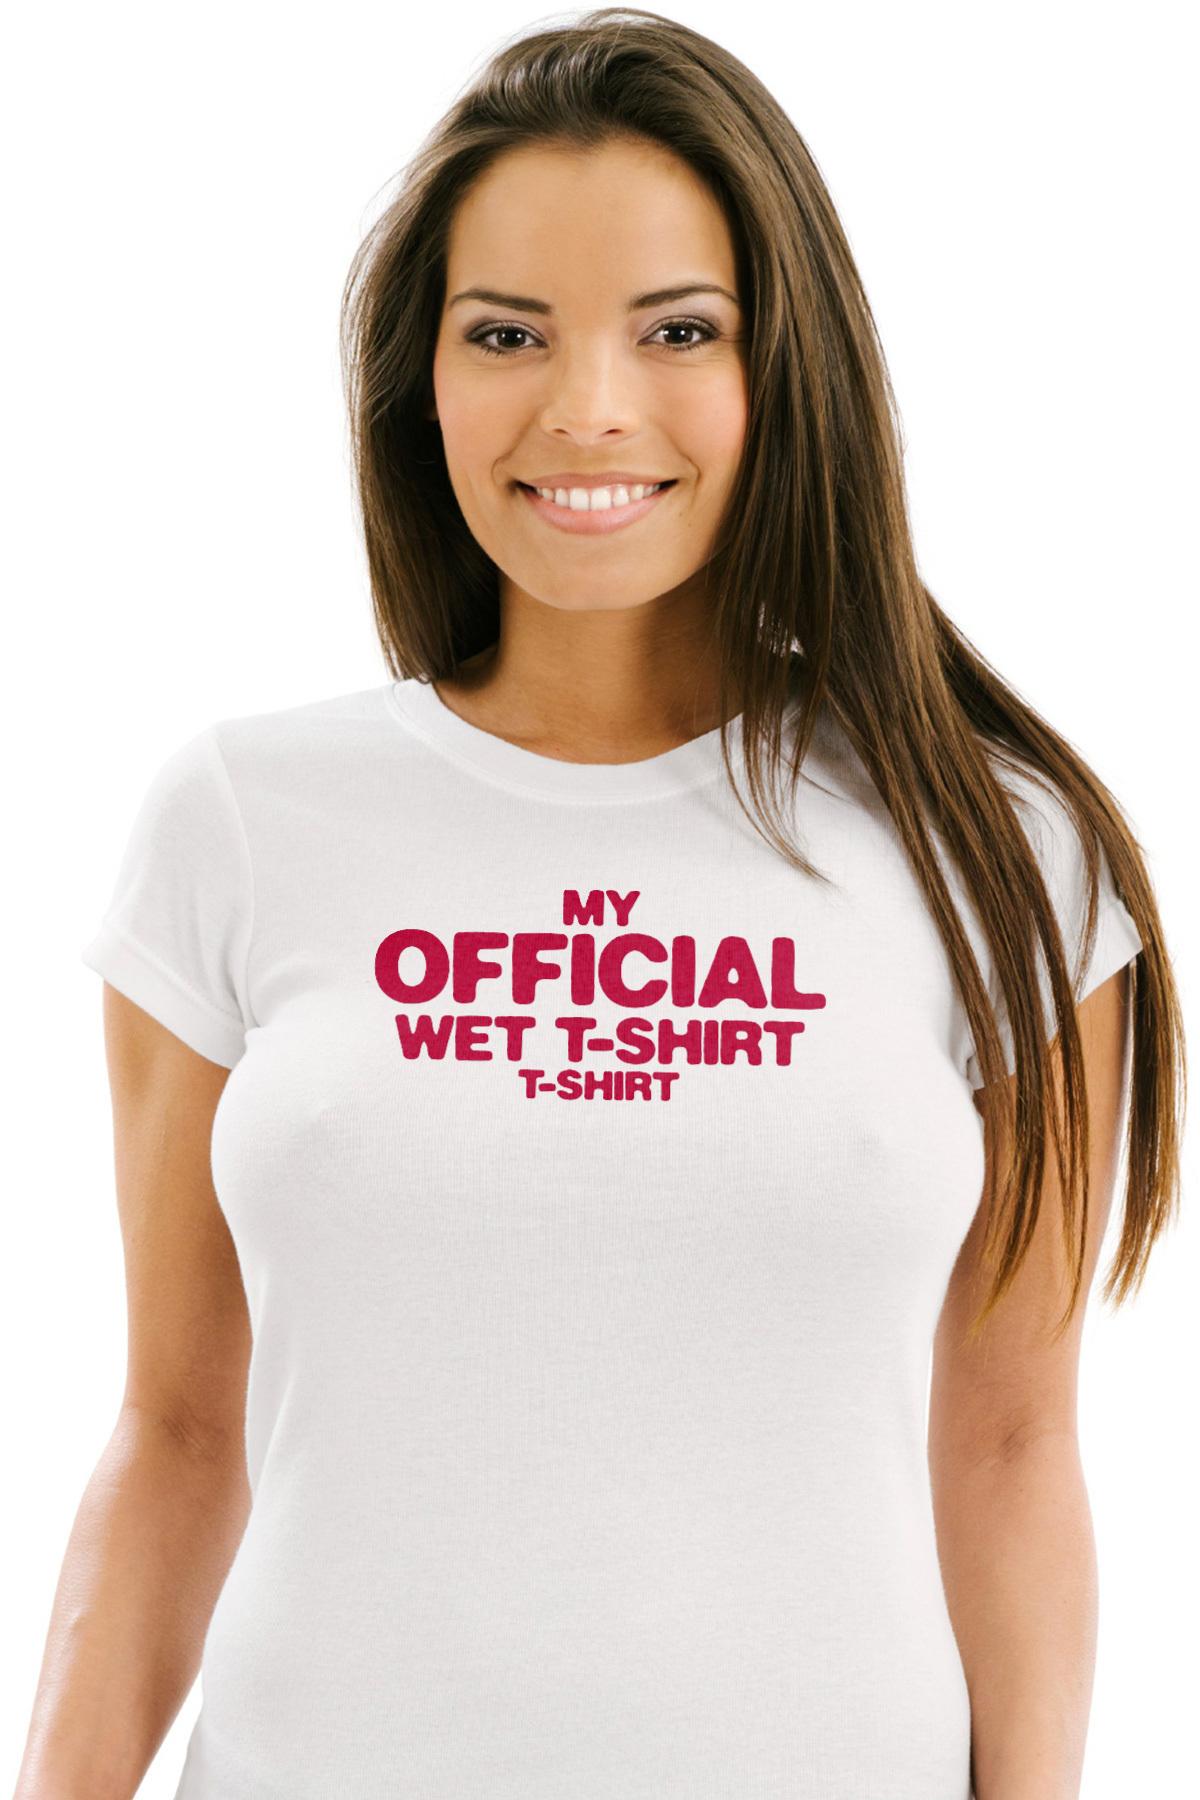 My Official Wet T-shirt T-shirt